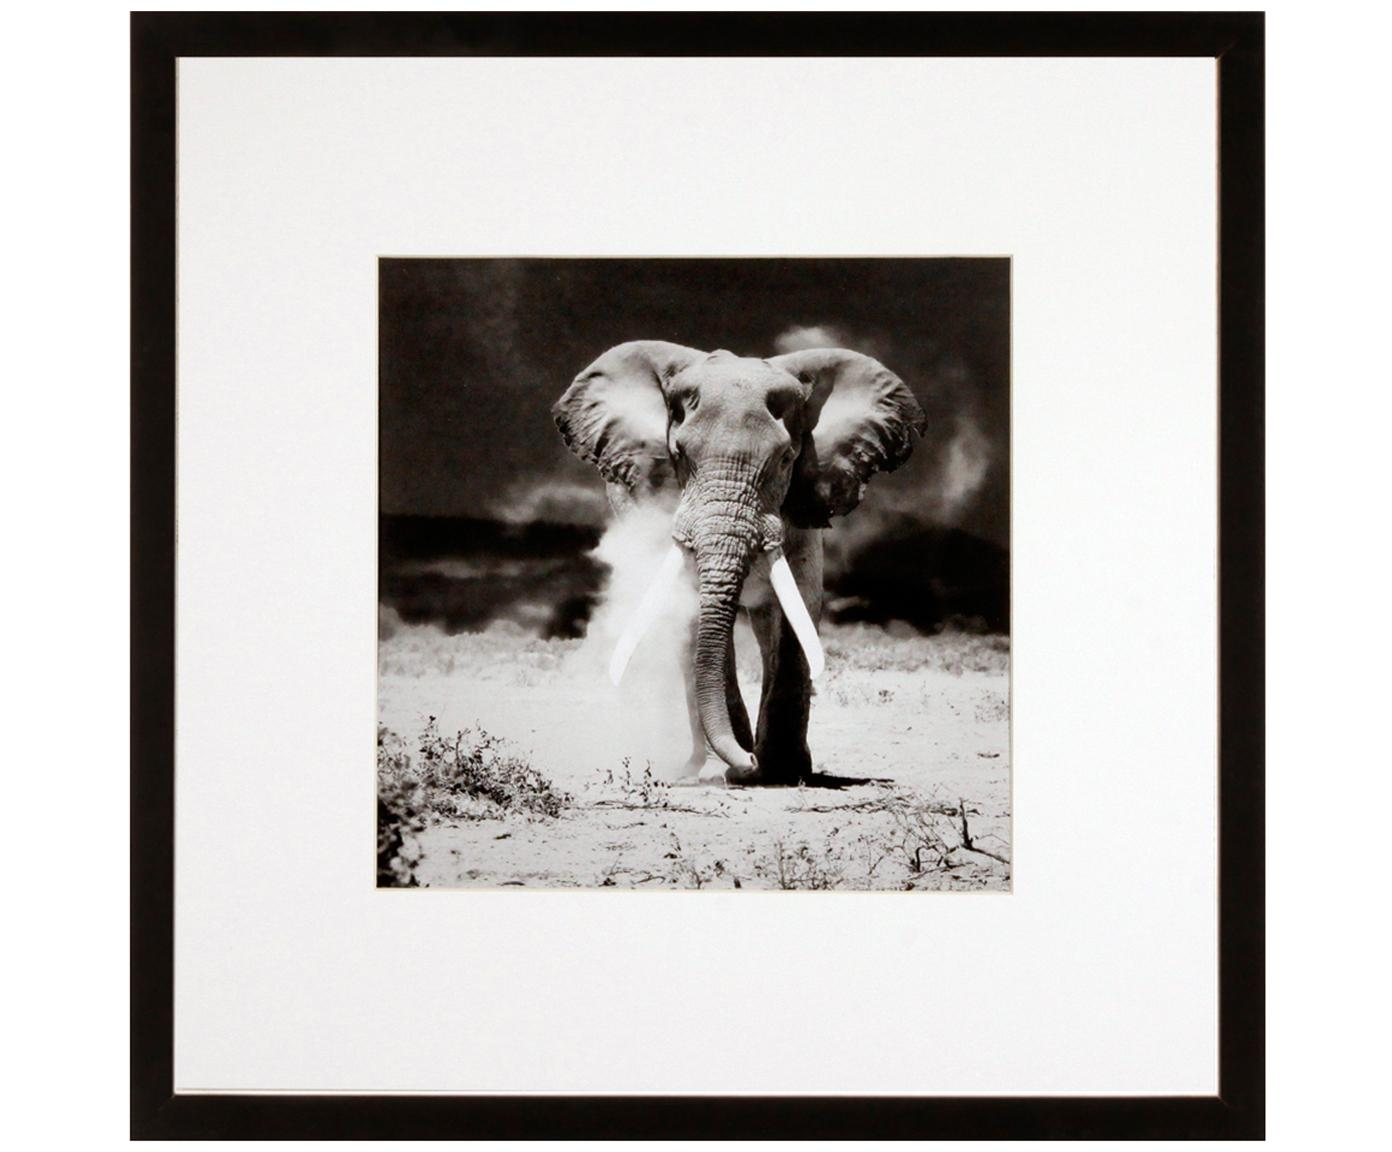 Stampa digitale incorniciata Elephant, Immagine: stampa digitale, Cornice: telaio in materiale sinte, Nero, bianco, L 40 x A 40 cm